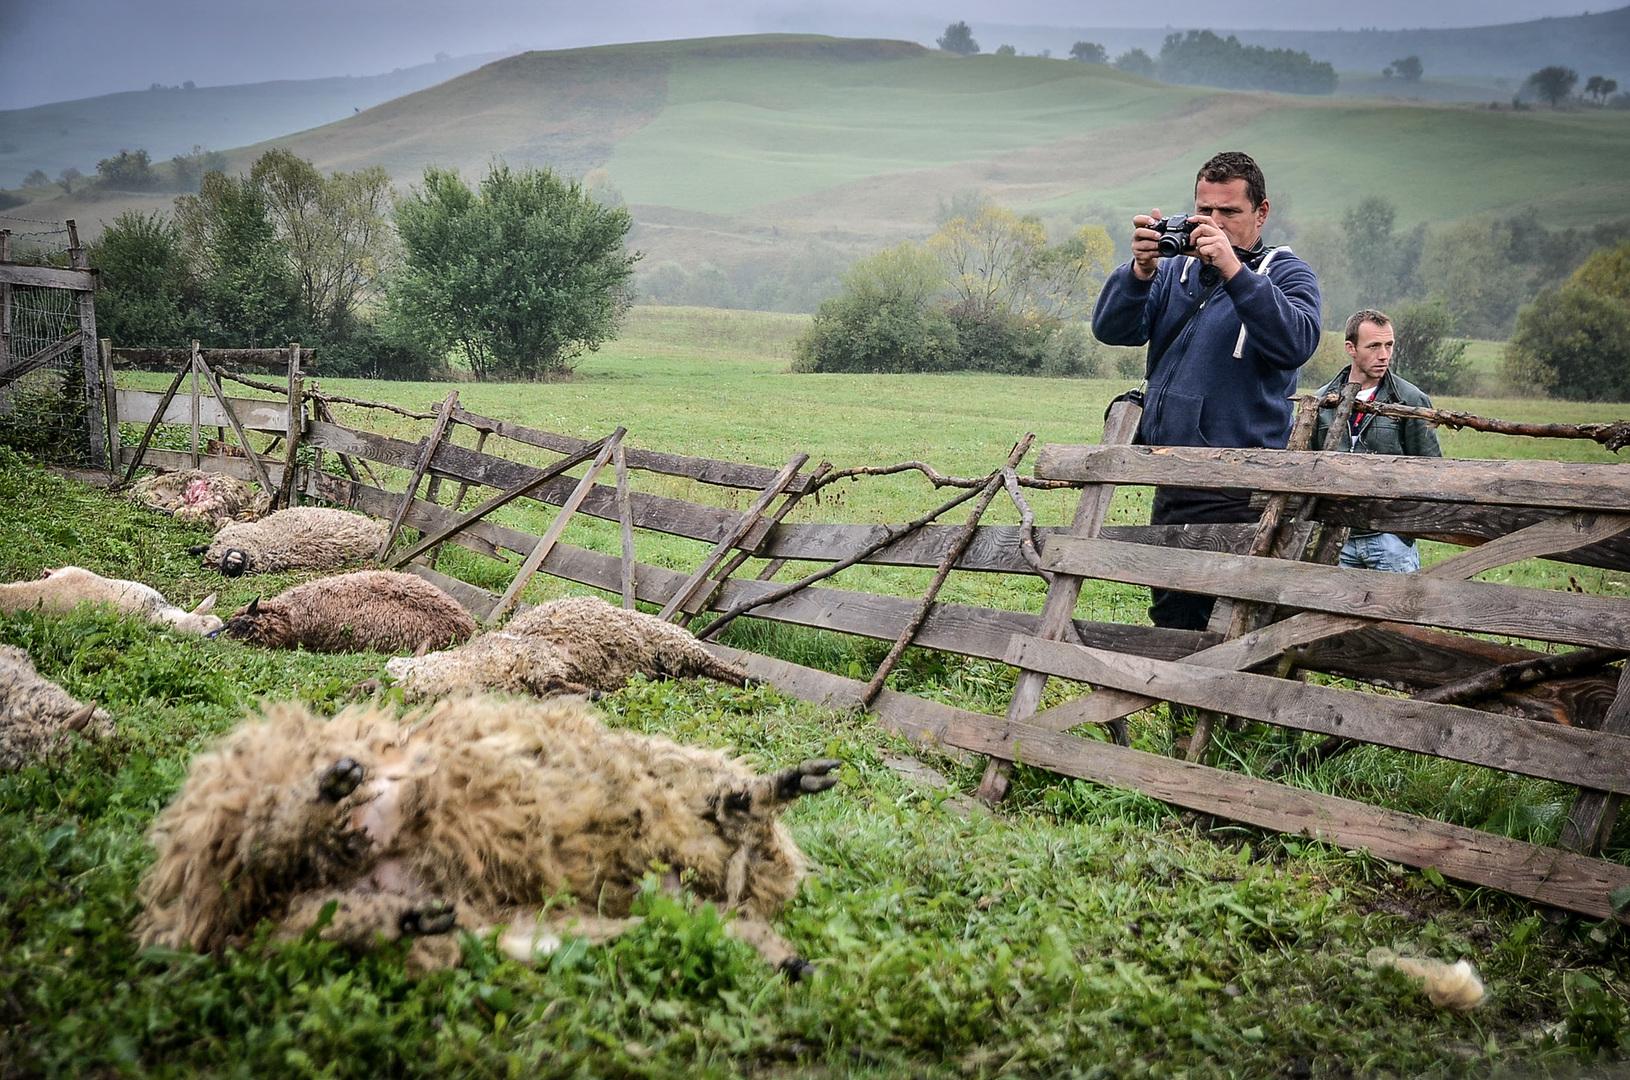 Természet és tudomány (sorozat)<br />3. díj: Barabás Ákos (Székelyhon.ro): Medvekrízis Székelyföldön<br /><br />Fotó: Medve tört rá a karámba rekesztett juhokra Felsőboldogfalván, 2015 október 6-án. Ezidőtájt kezdtek elszaporodni a nagyvadak és a velük járó gondok. Egyre több gazda kereste fel a sajtót, azt remélve, hogy a megjelent cikkeknek köszönhetően könnyebben megkapják a román állam által beígért kártérítéseket. Már-már rutinmunkává vált egy hasonló eset közlése a médiákban.